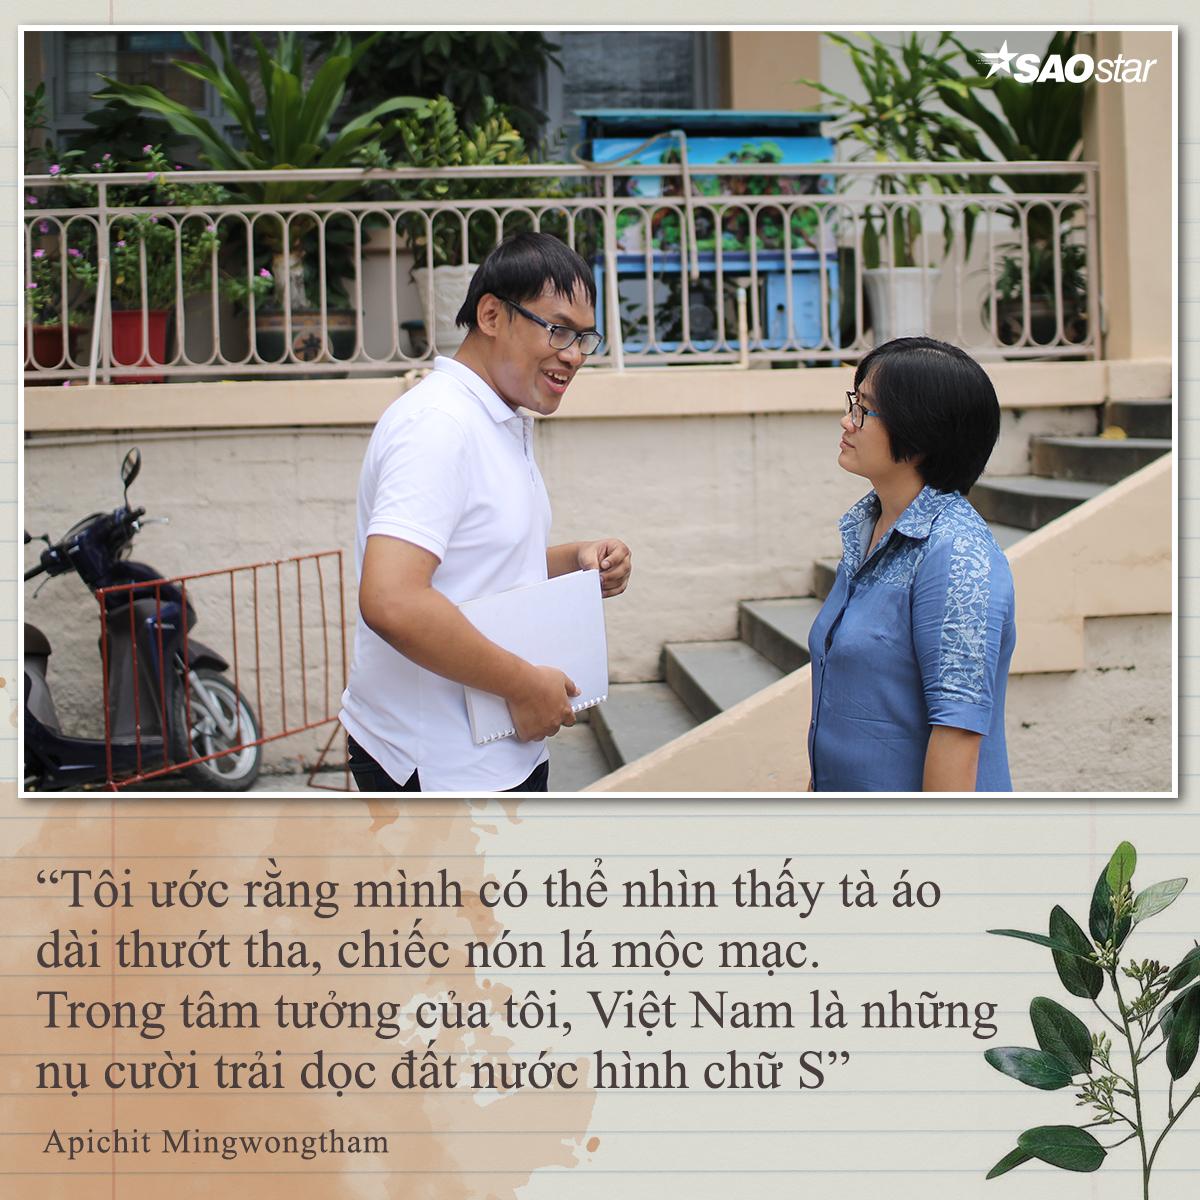 Chàng trai mù Thái Lan có tình yêu lạ kì với tiếng Việt từ thuở nhỏ, một mình sang Việt Nam học chữ